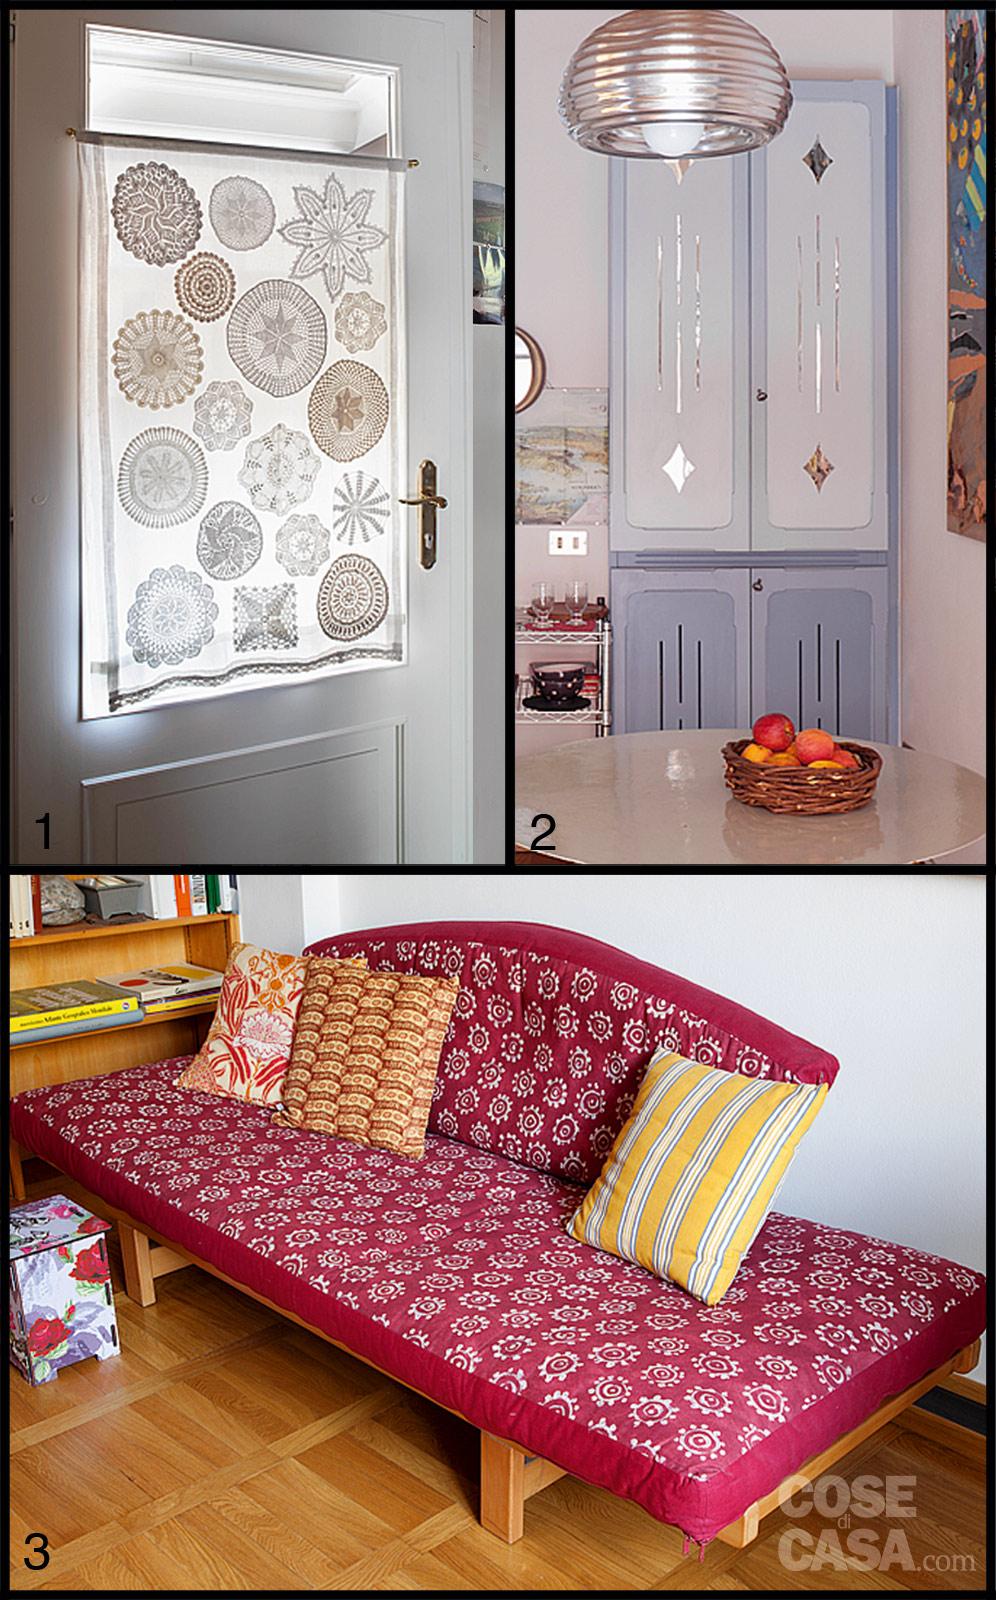 Cose di casa divano letto mago onfuton piccolo appartamento a milano 2 onfuton - Divano letto usato milano ...